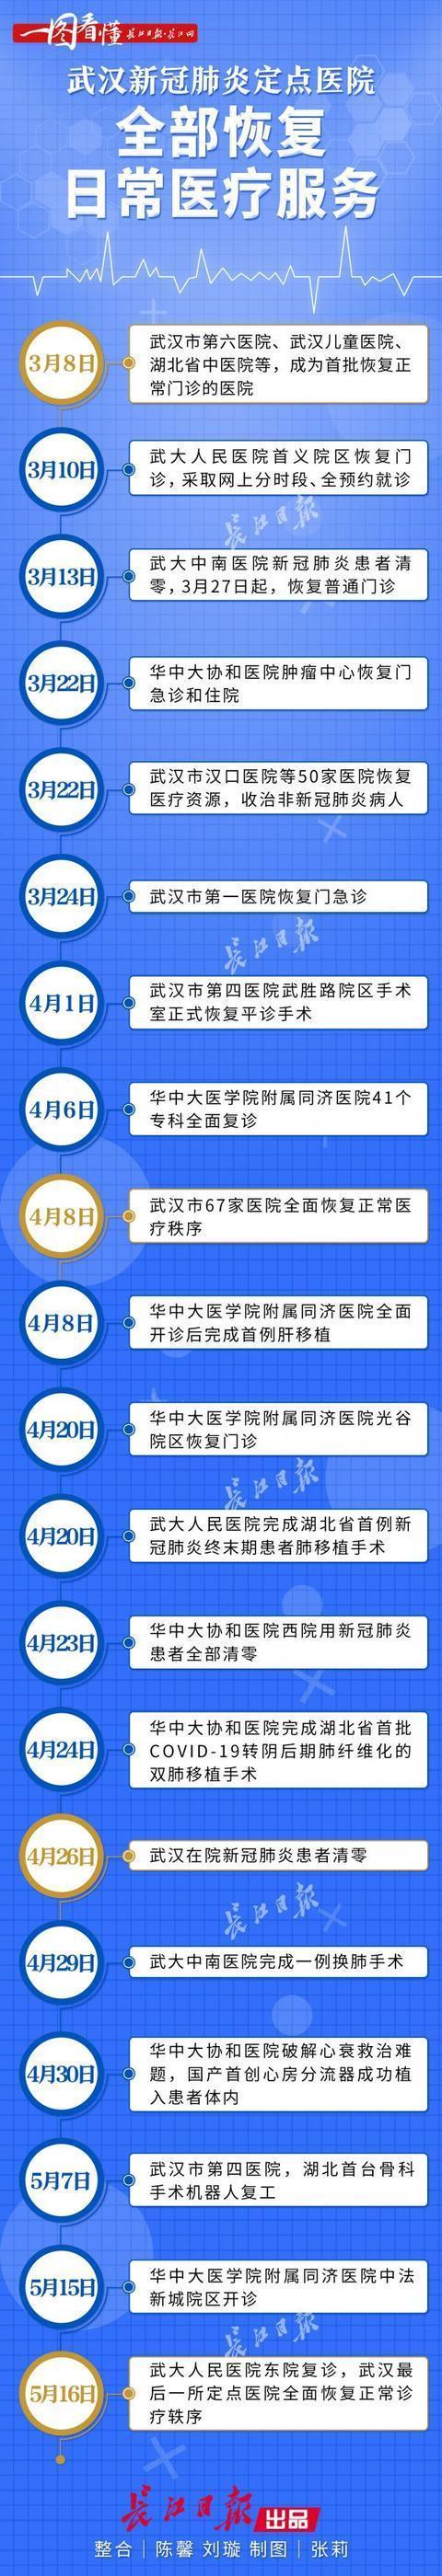 武汉市全部新冠肺炎定点医疗机构修复诊疗纪律 第6张